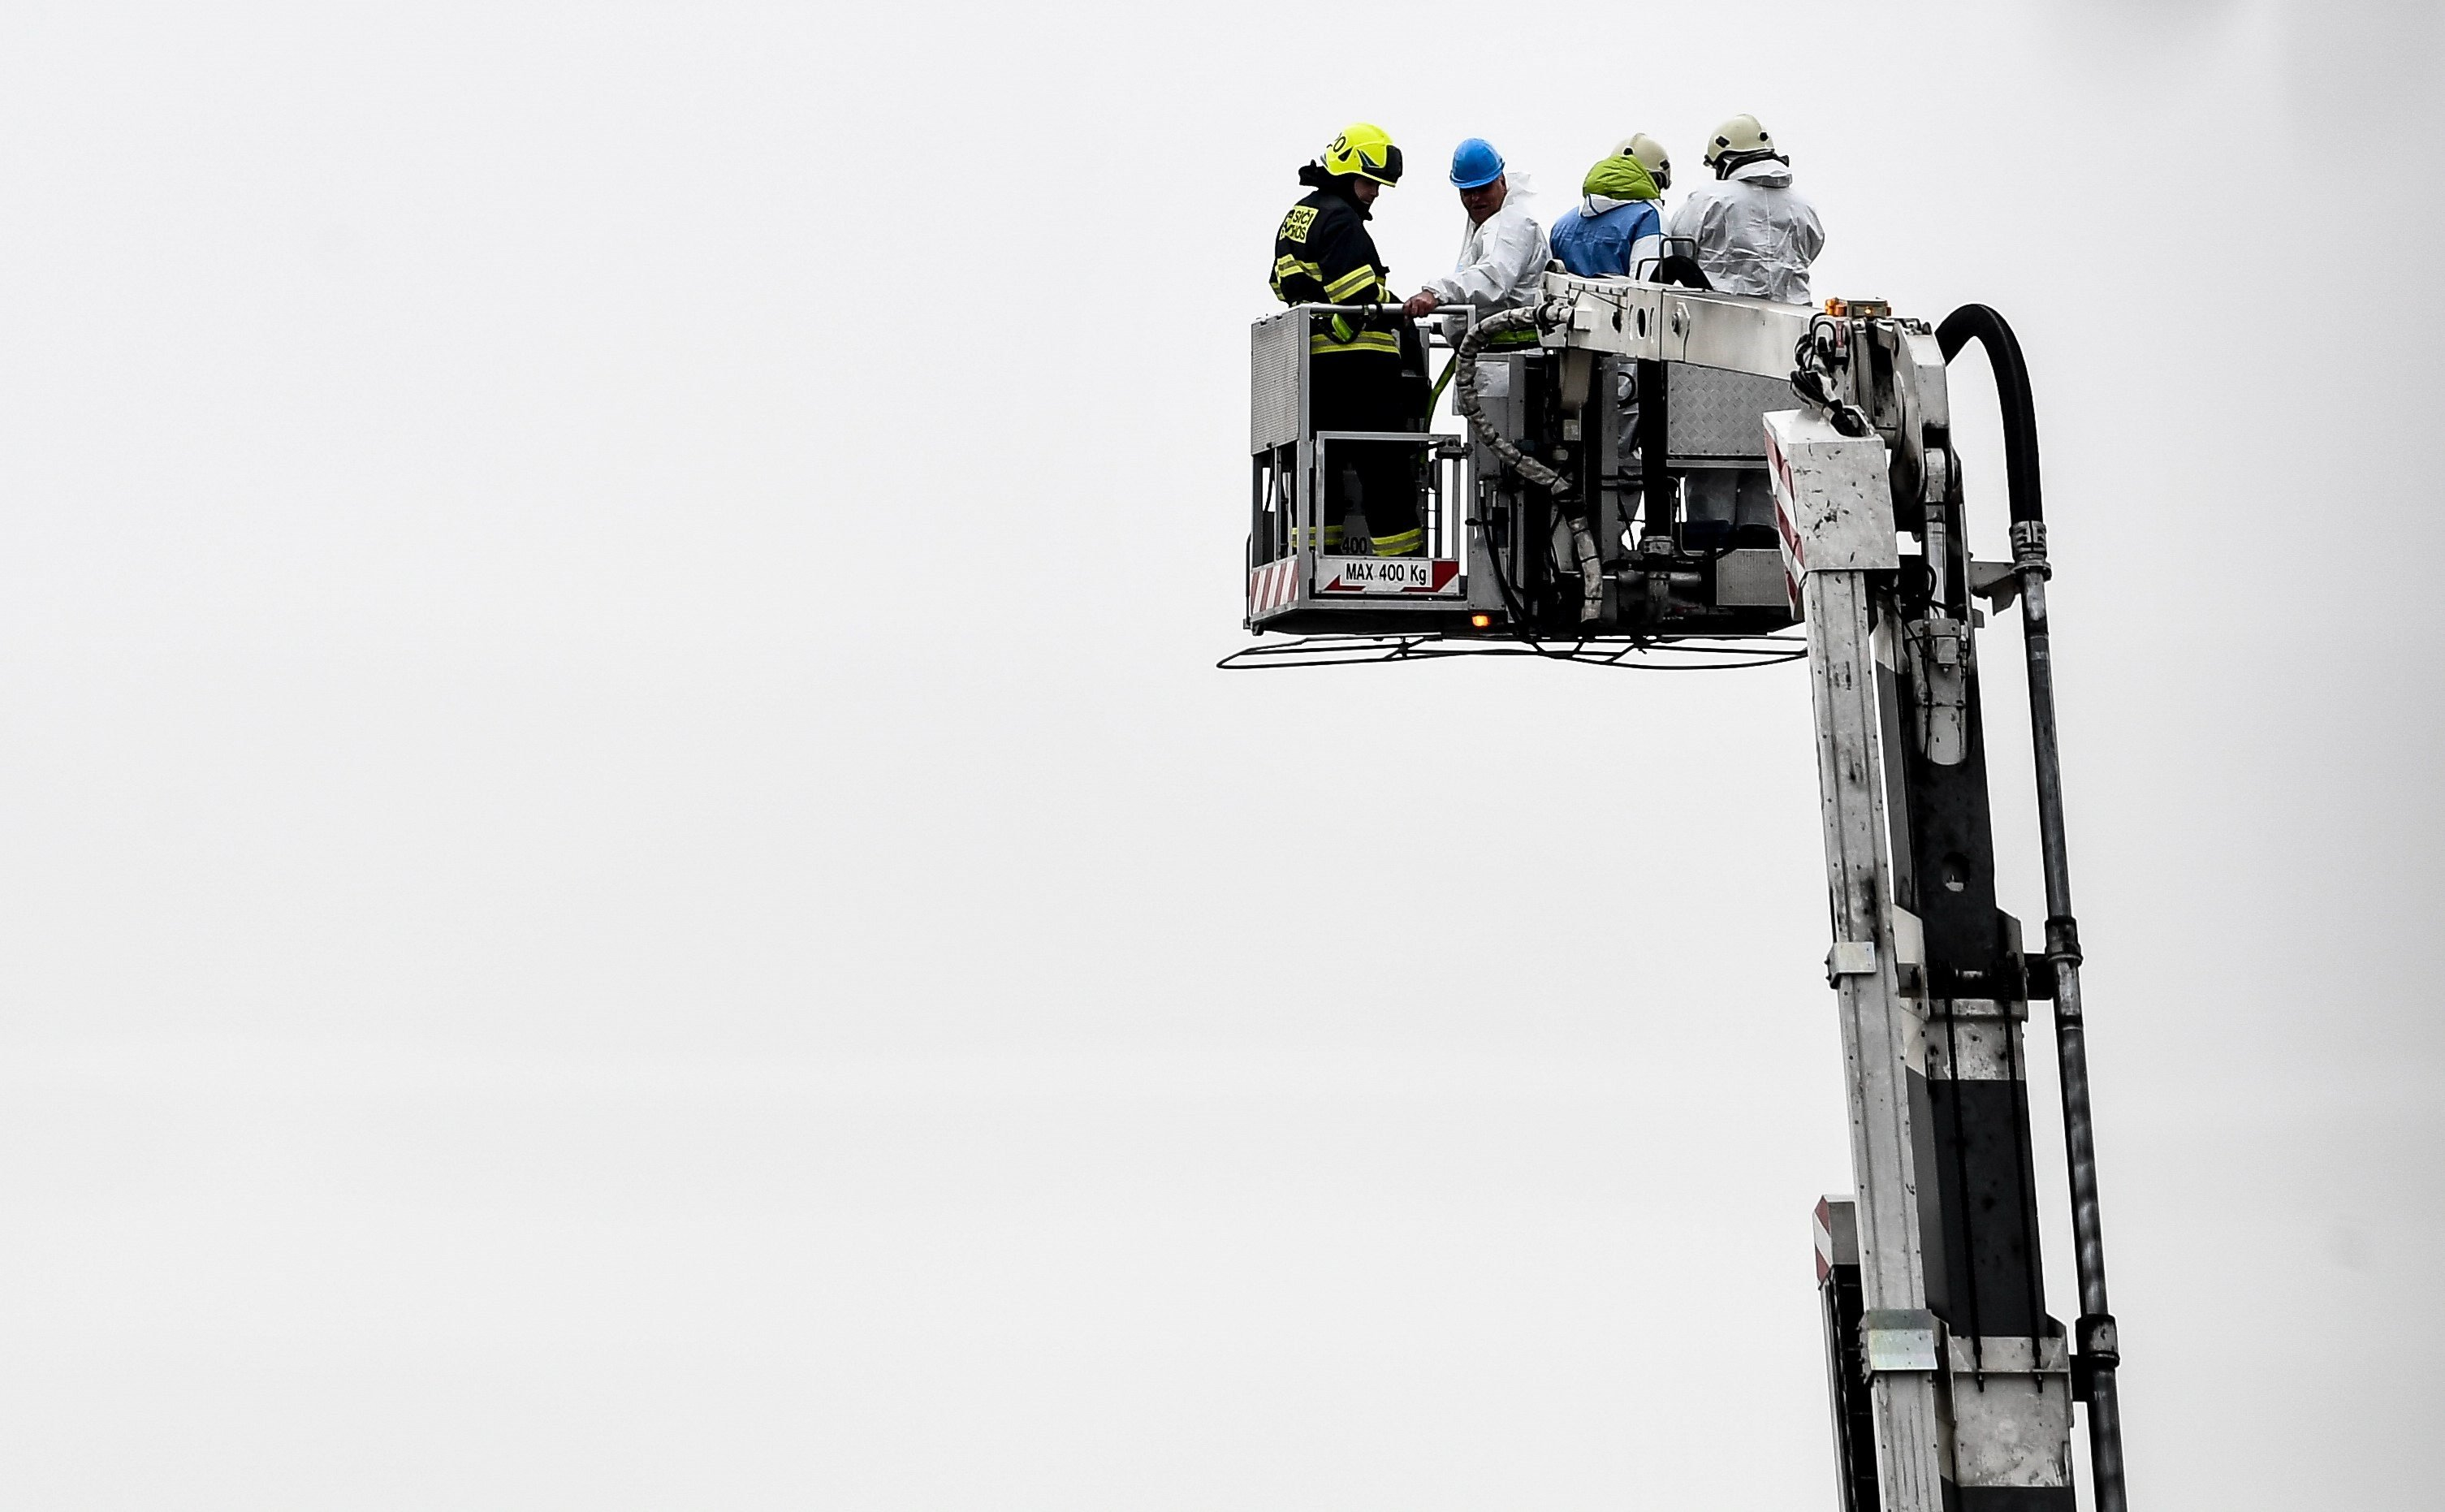 Almenys 6 morts per una explosió en una planta química a prop de Praga. /FILIP SINGER